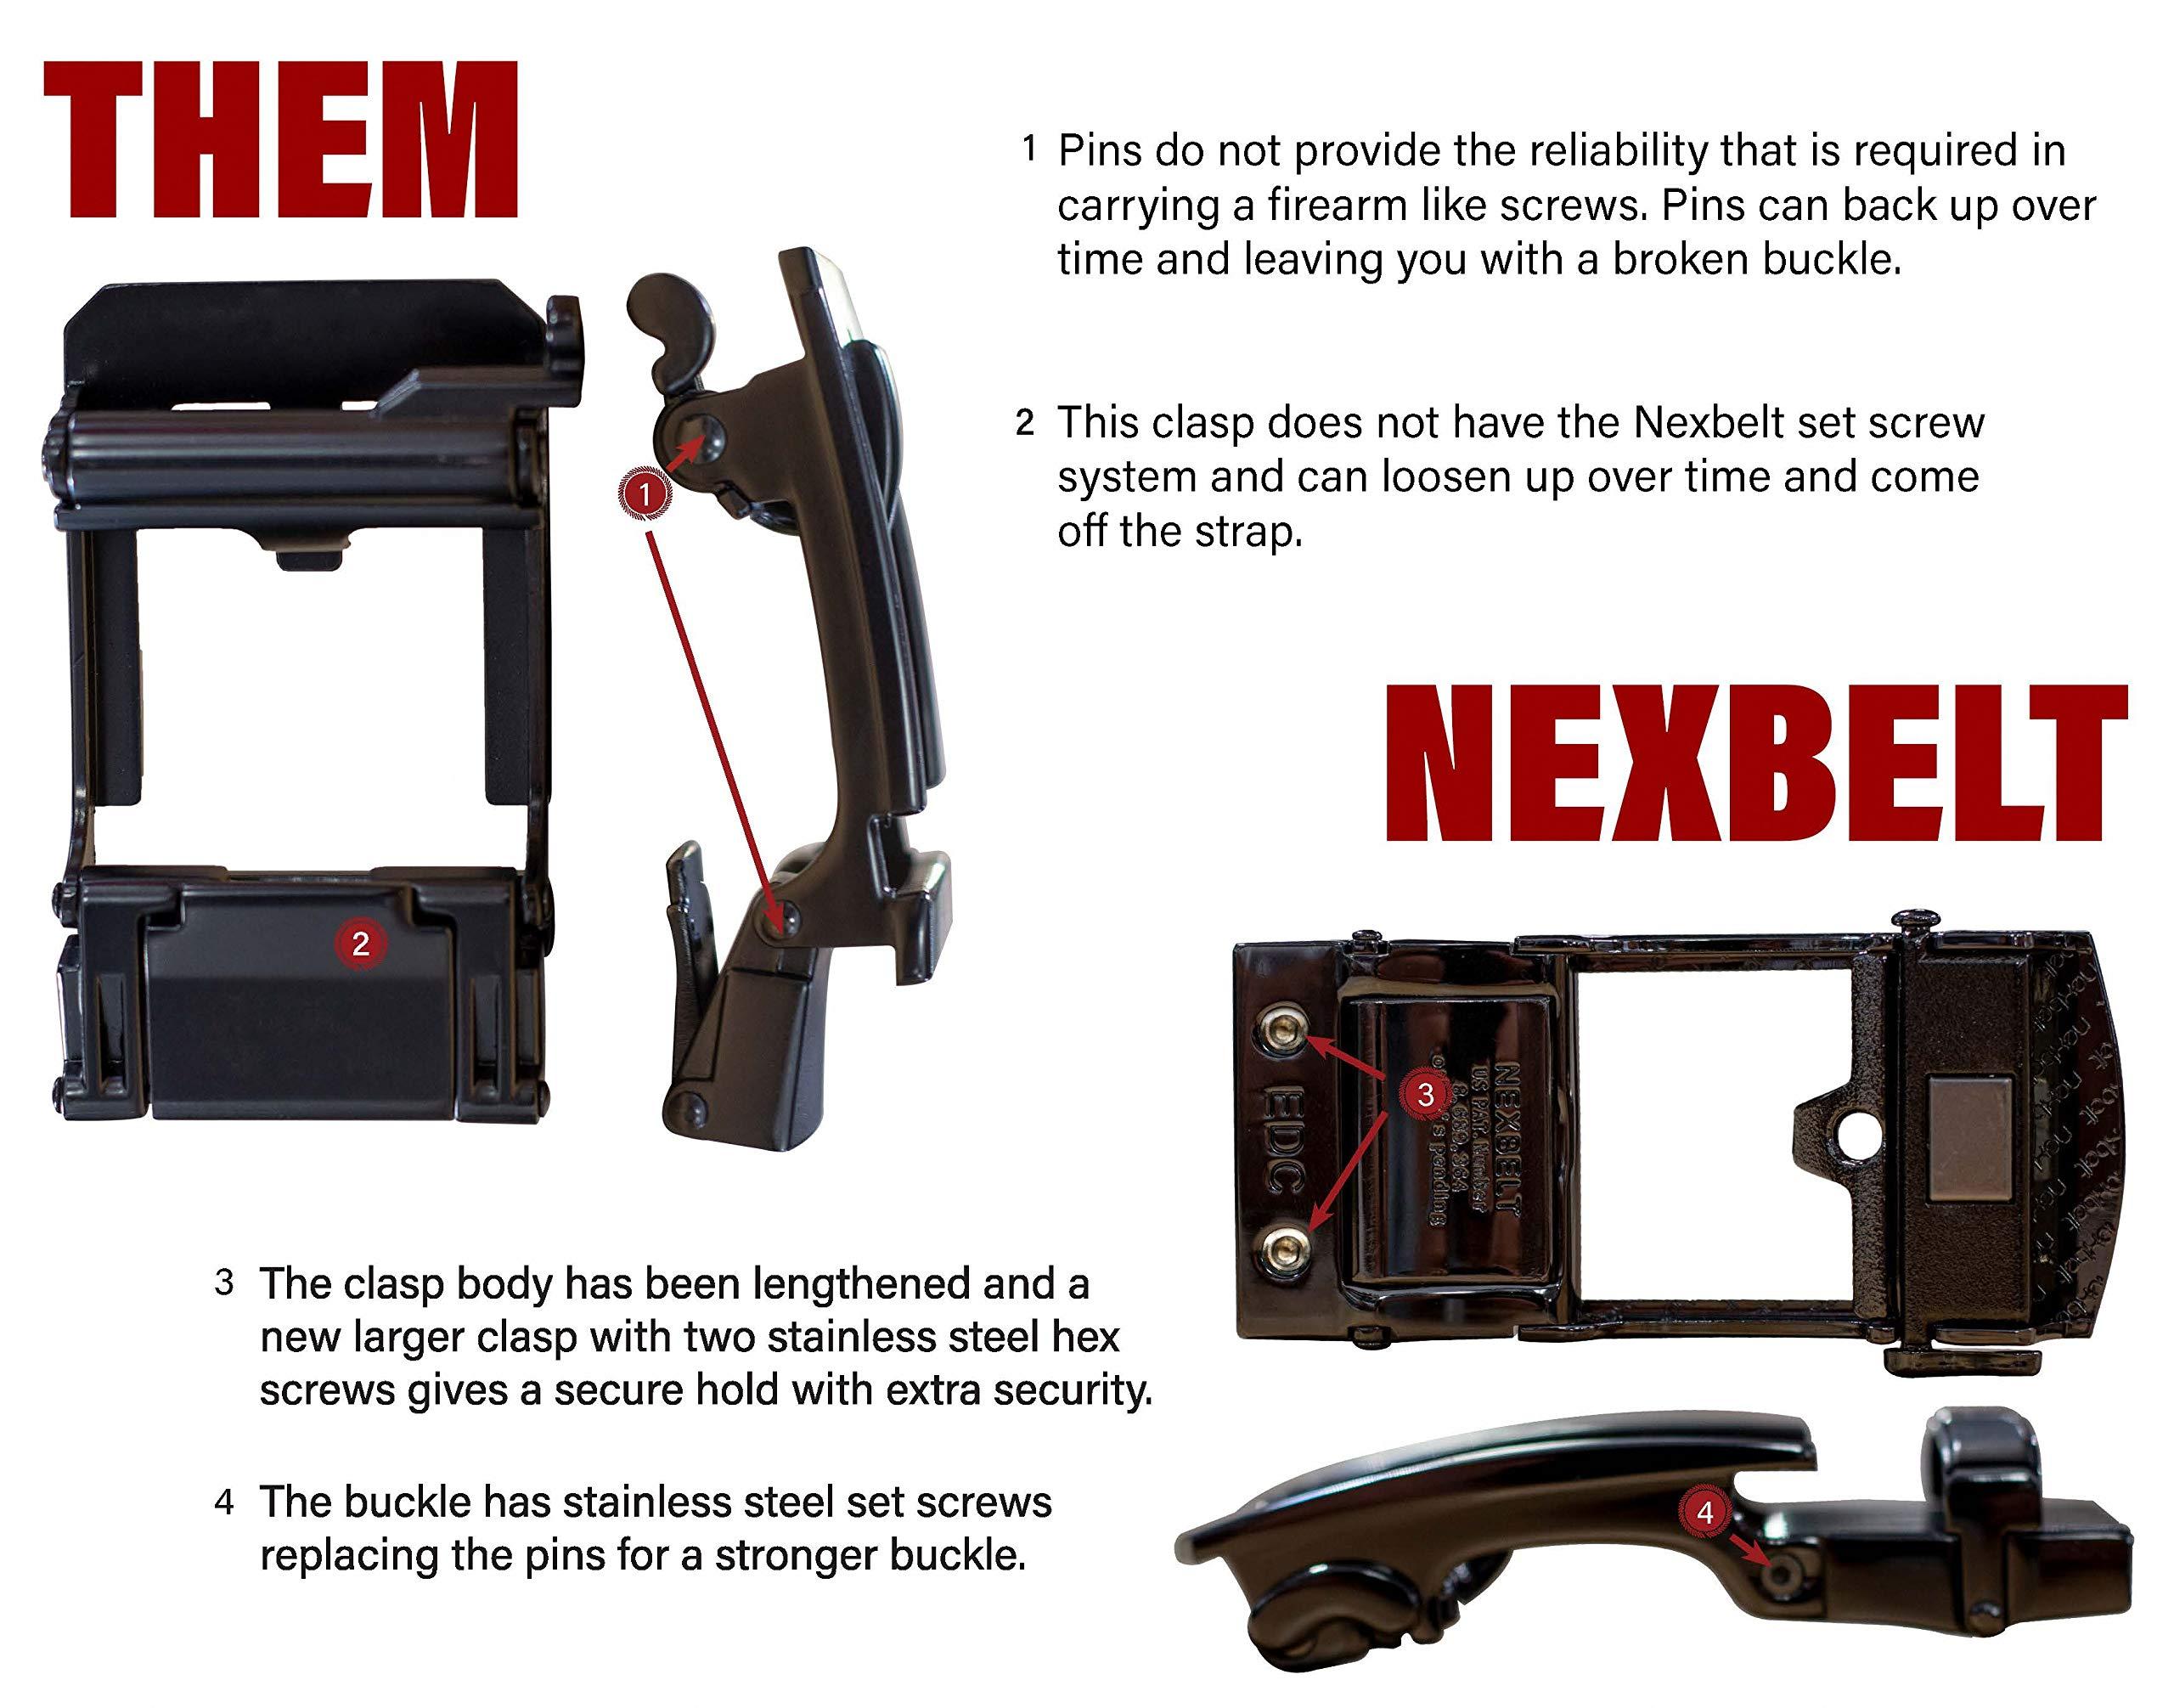 Nexbelt 2019 Titan Black Men's EDC Tactical Belt Ratchet System Technology Mens Nylon Gun Belts by Nexbelt (Image #5)